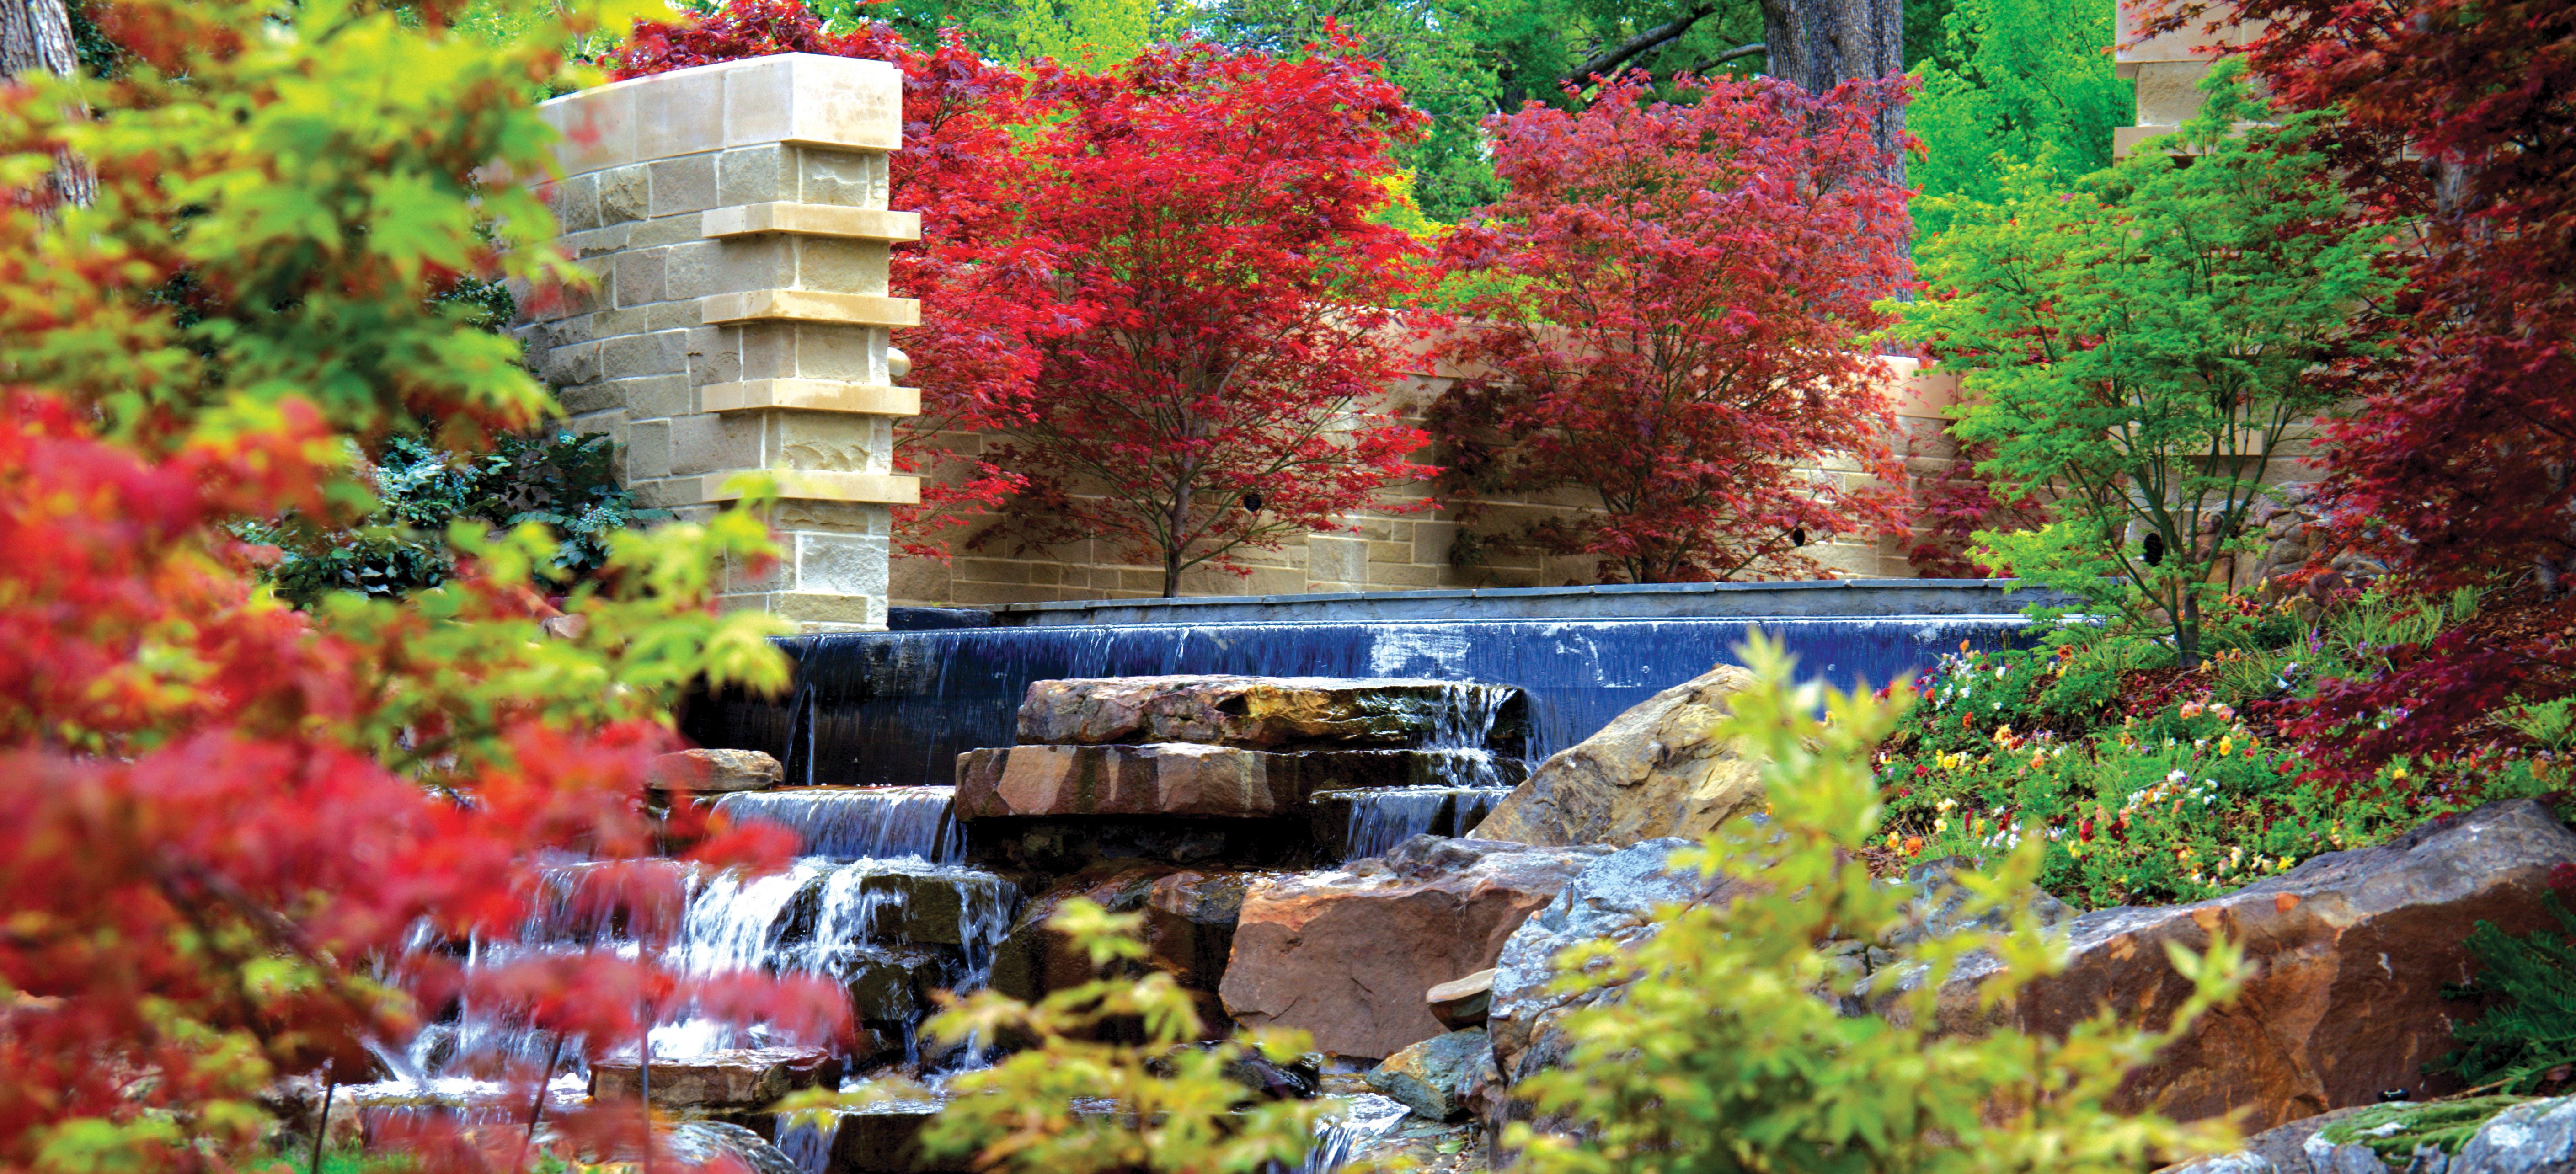 Visit The Dallas Arboretum And Botanical Garden